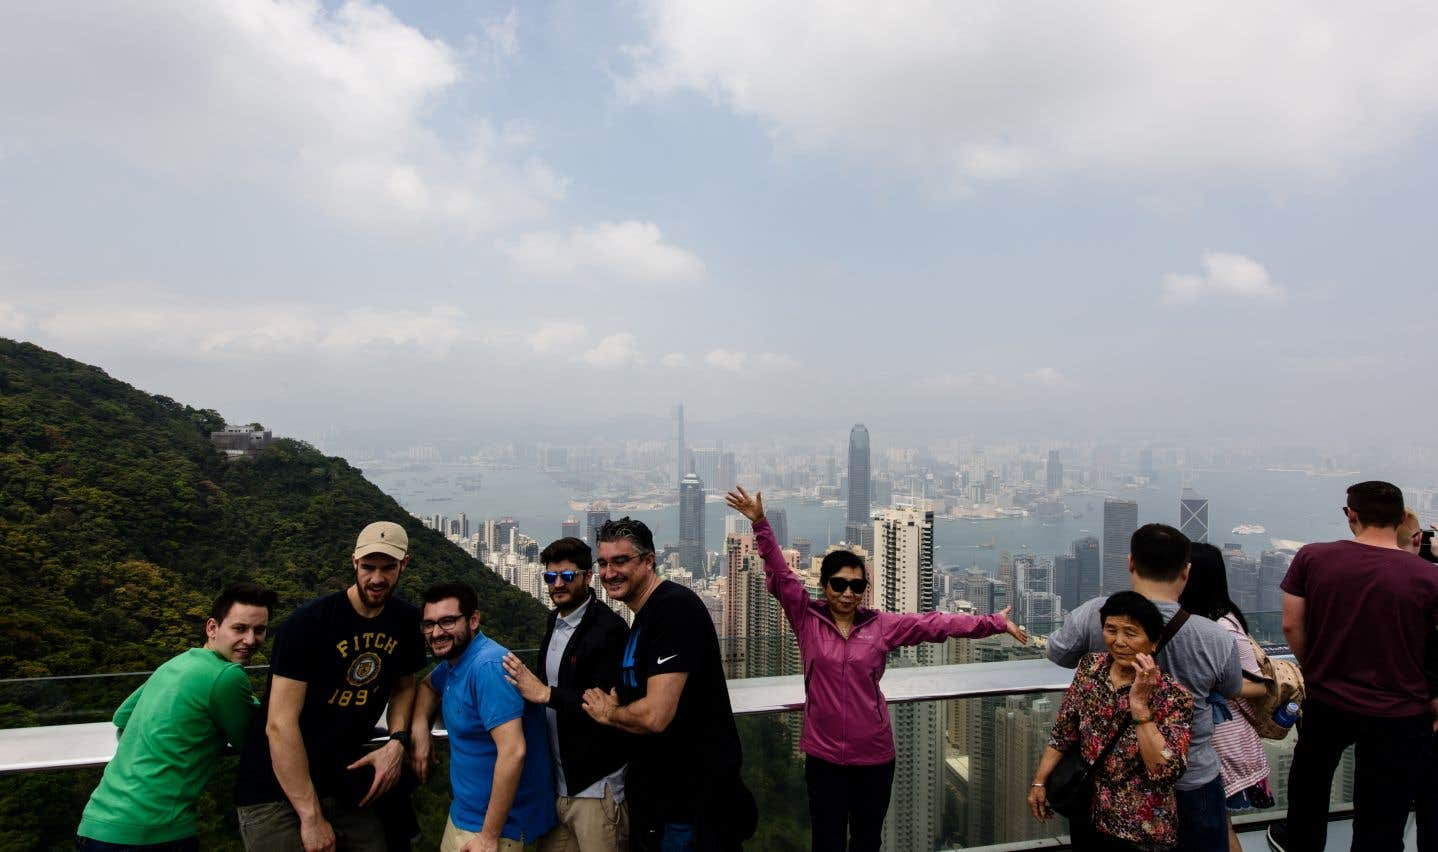 Des touristes photographiés au sommet du Pic Victoria, qui offre une vue imprenable sur la ville de Hong Kong